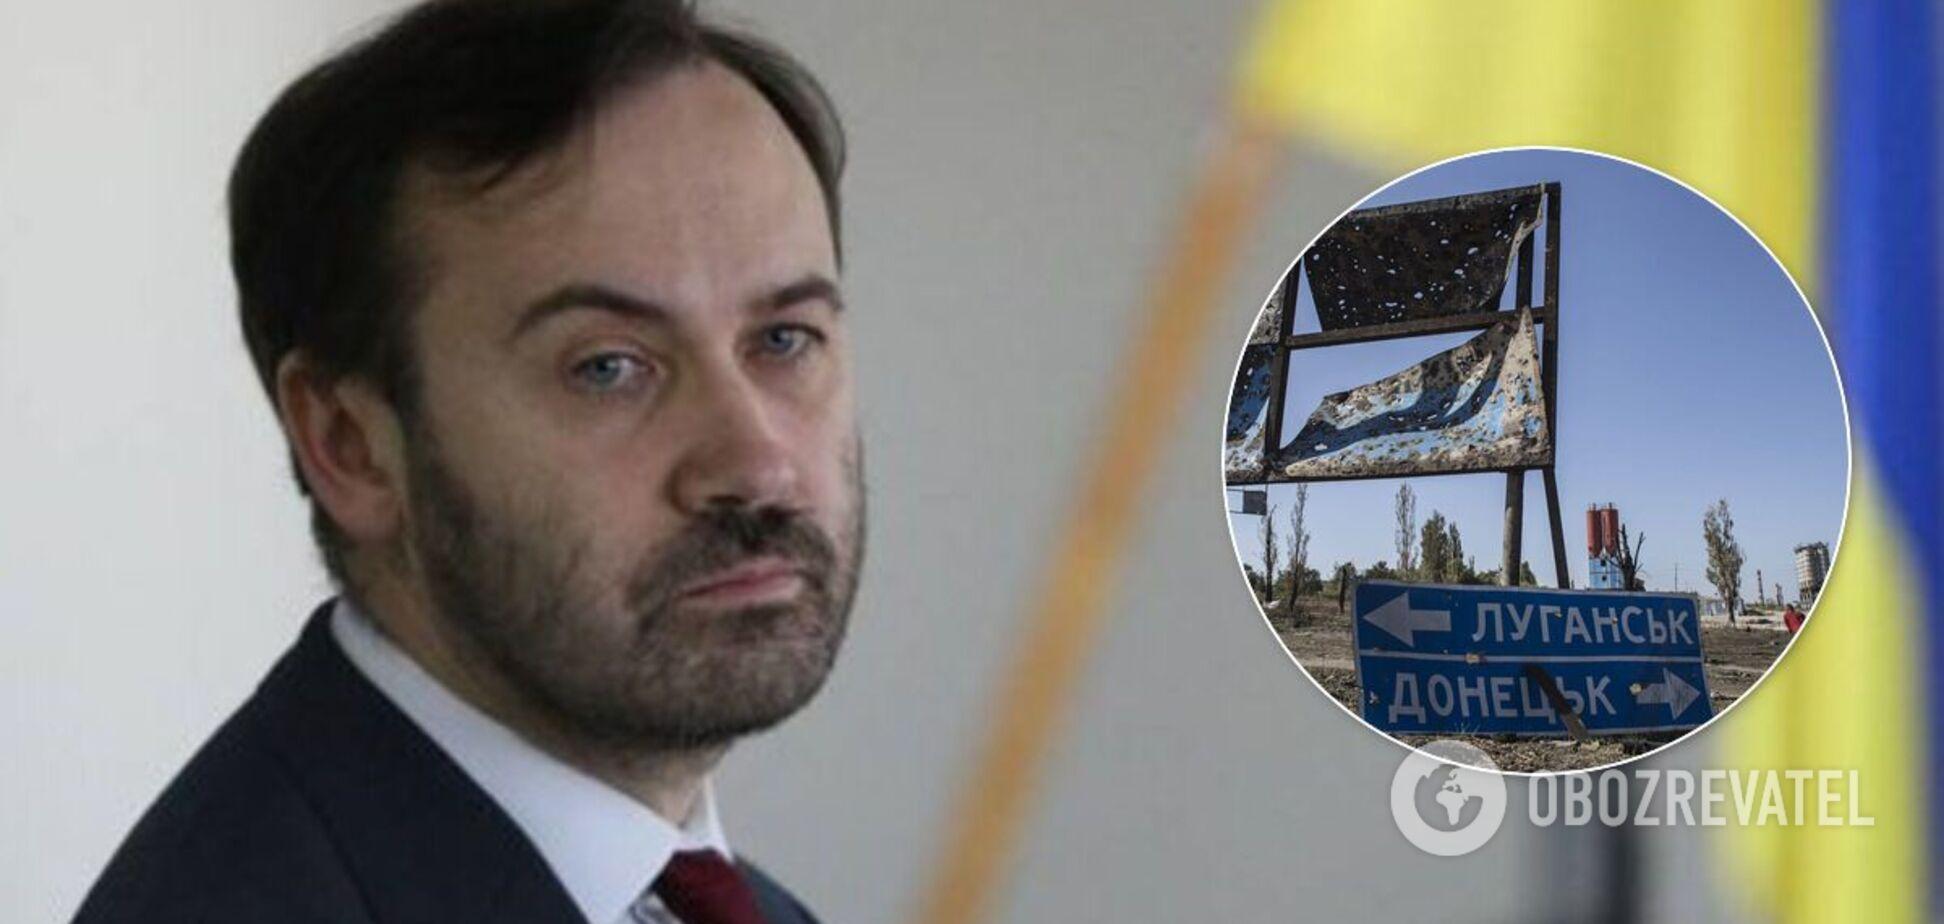 Ексдепутат Держдуми РФ Ілля Пономарьов